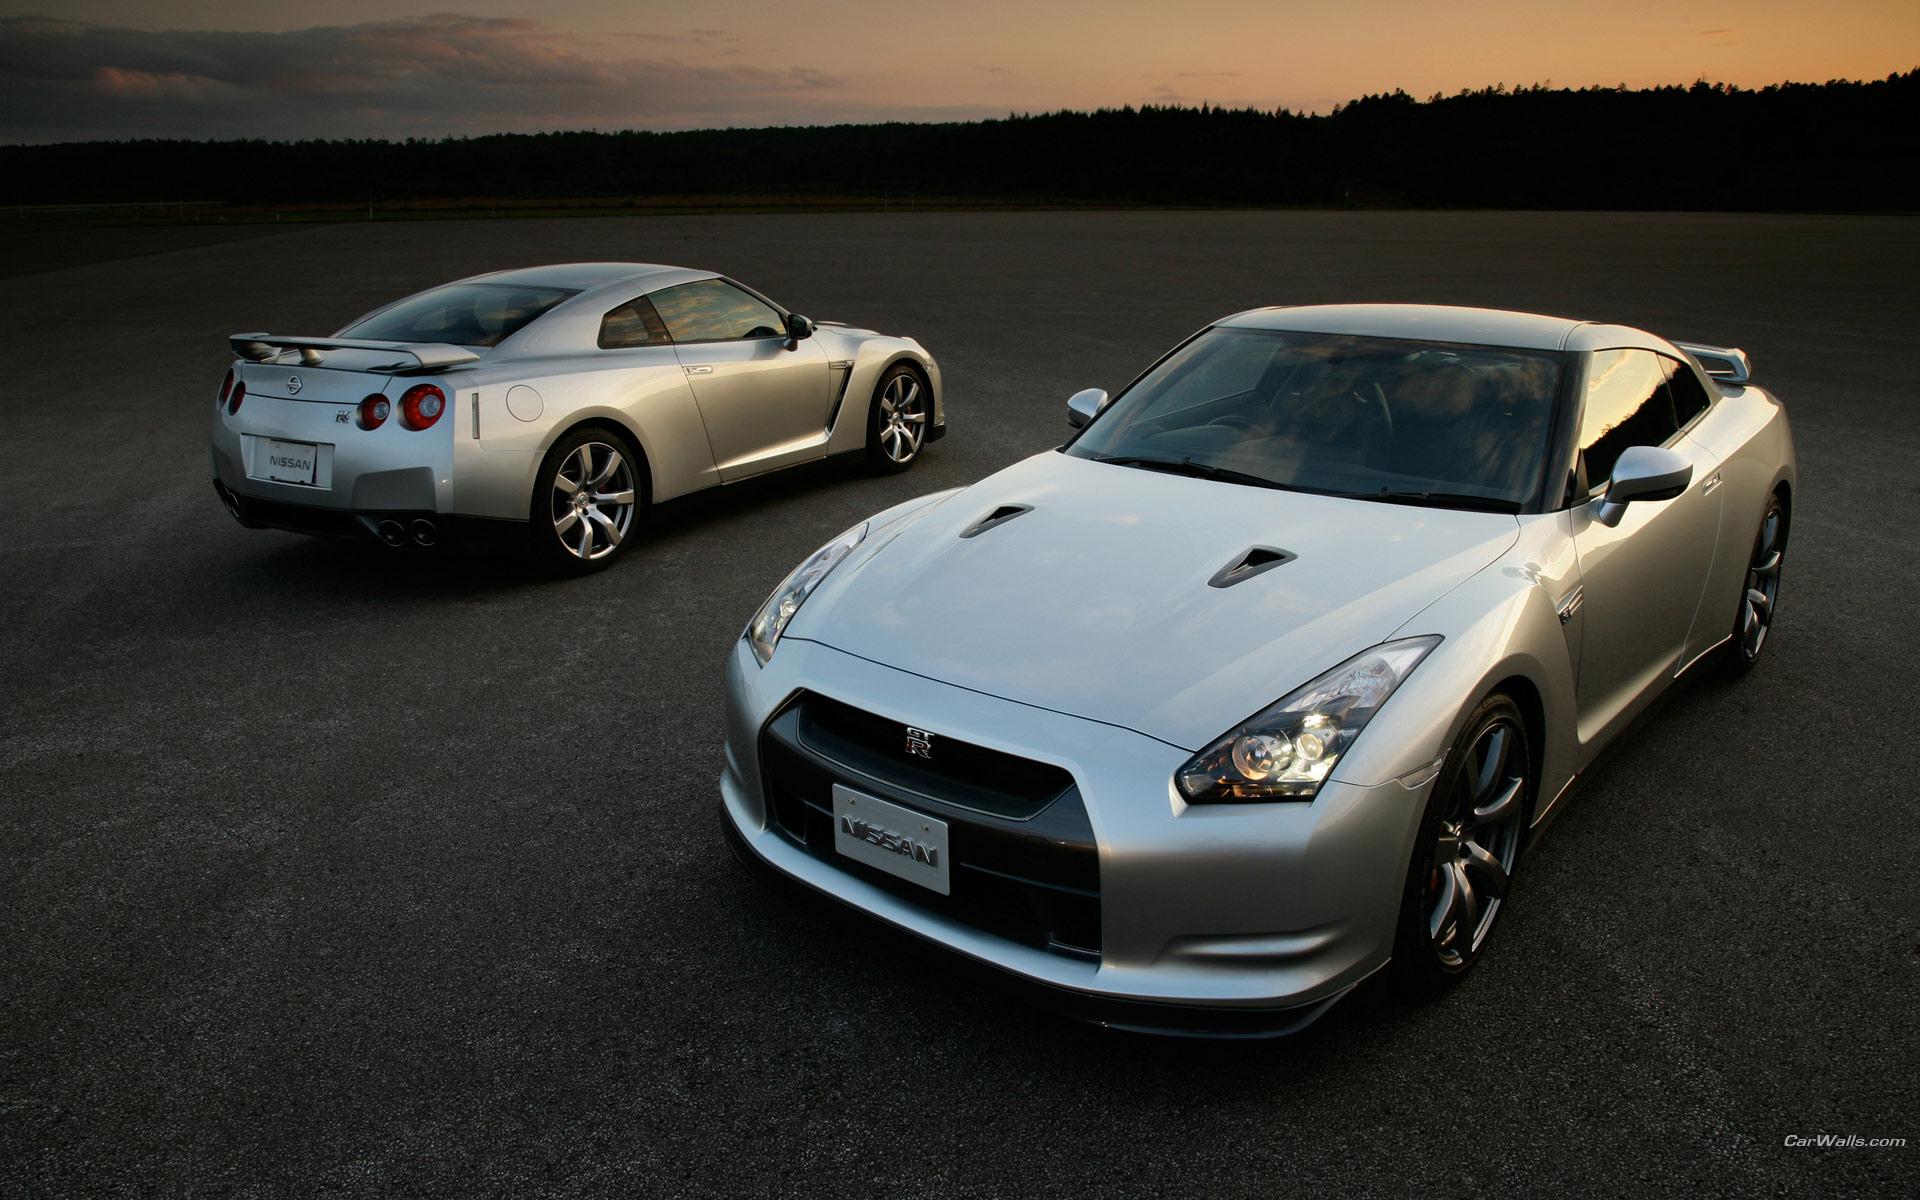 Nissan%20GT-R%201920x1200_b65.jpg